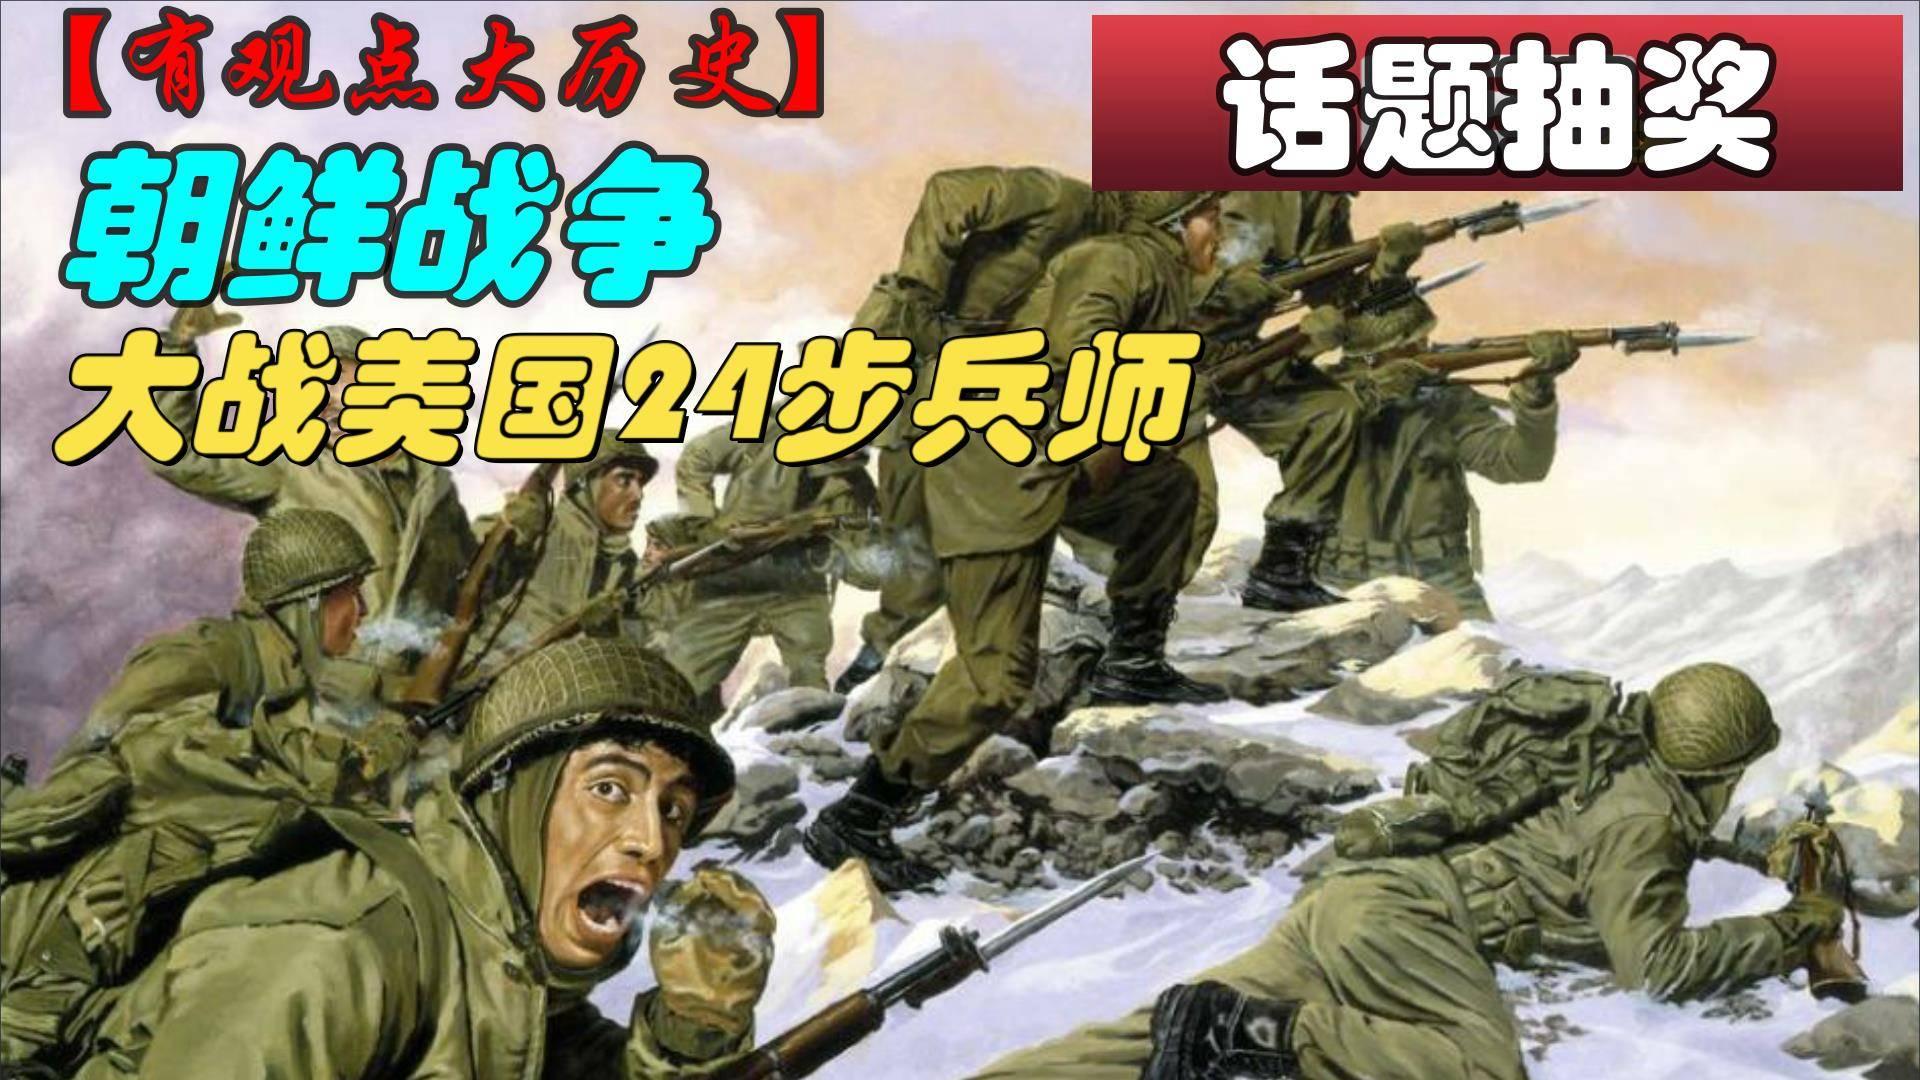 #话题抽奖#朝鲜战争--大战美军24步兵师!